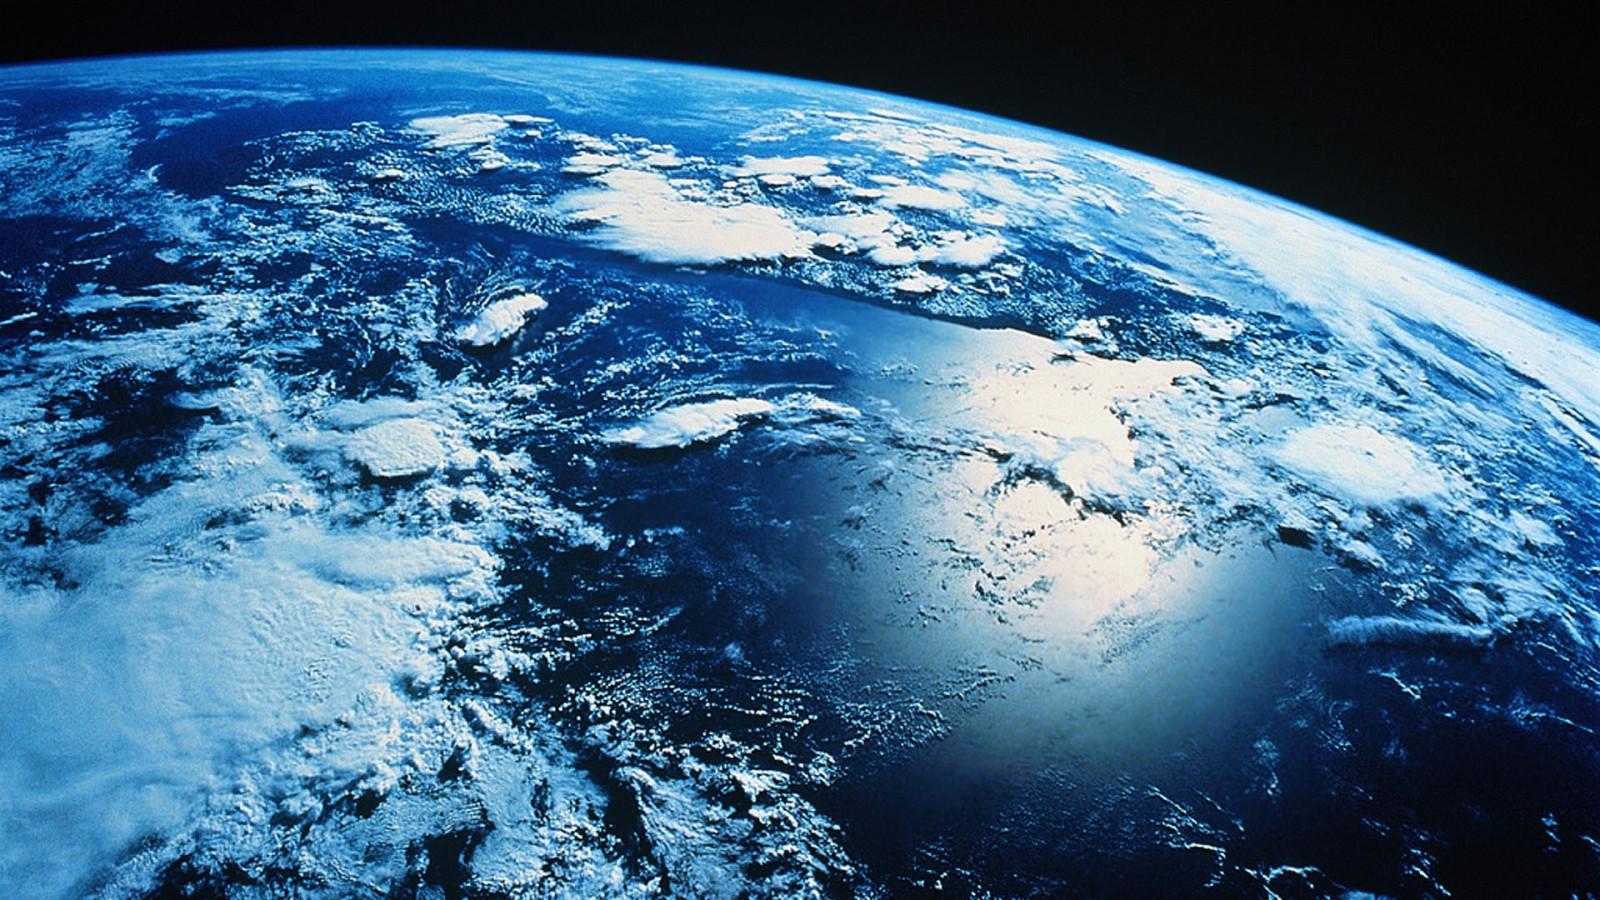 La terra fotografata dallo spazio 23